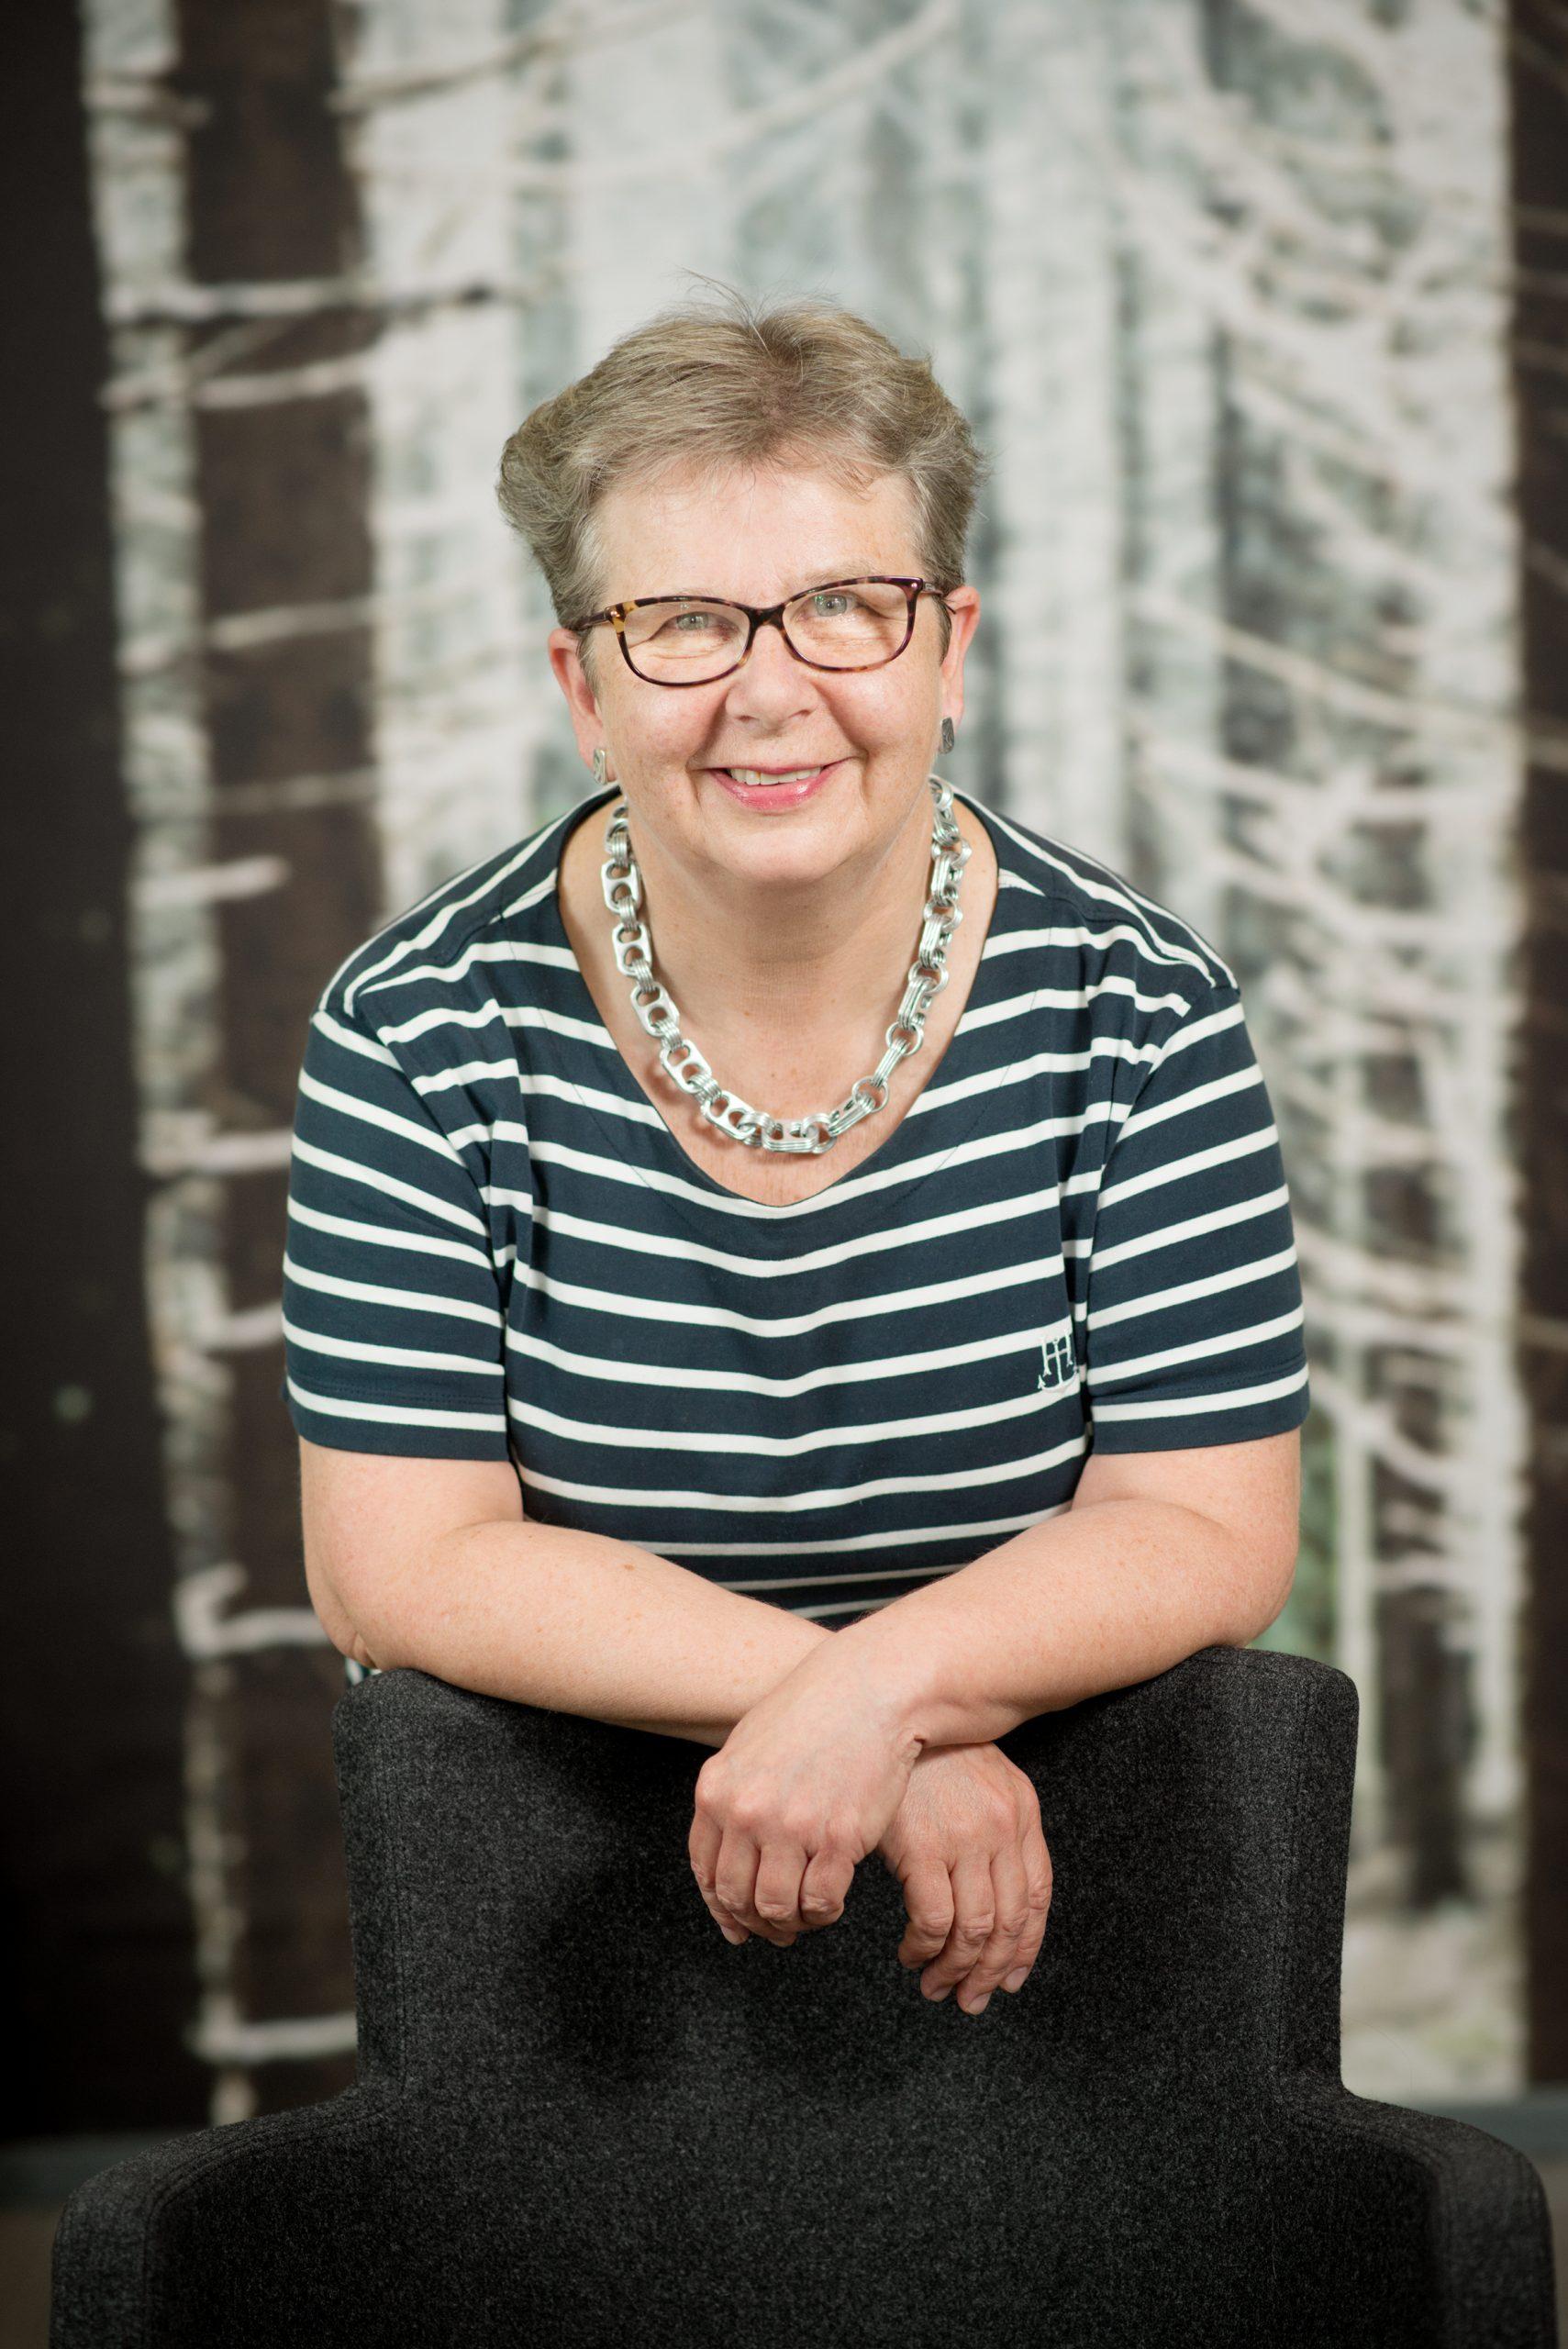 Susse Inglman-Fribergin ylävartalon kokoinen kuva, jossa nojaa tuoliin. Raidallinen paita ja hopeanvärinen koru kaulassa.